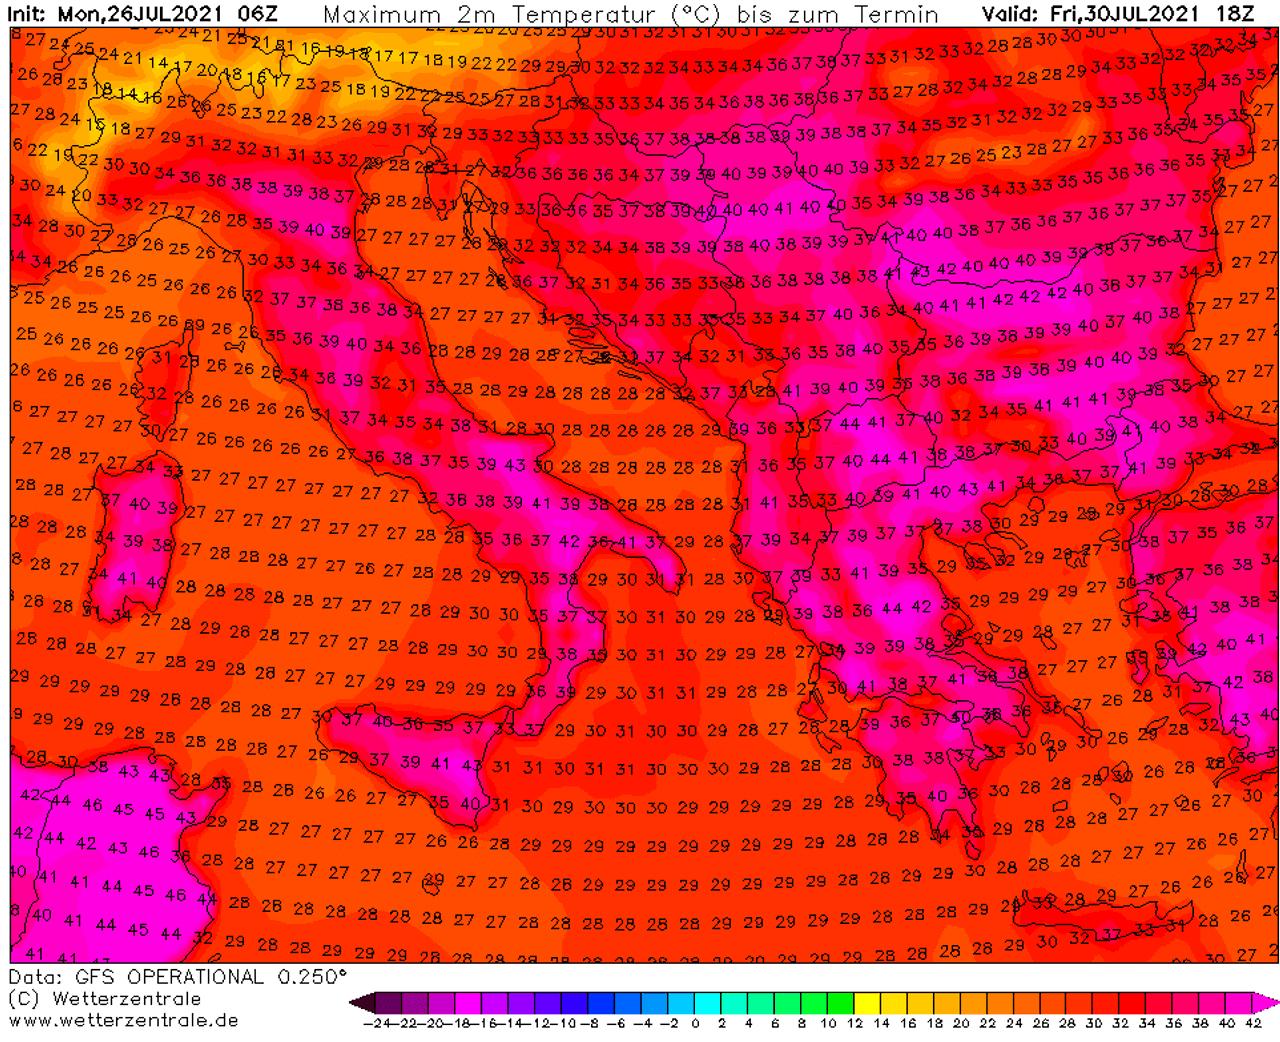 dust-cloud-europe-heatwave-maximum-temperature